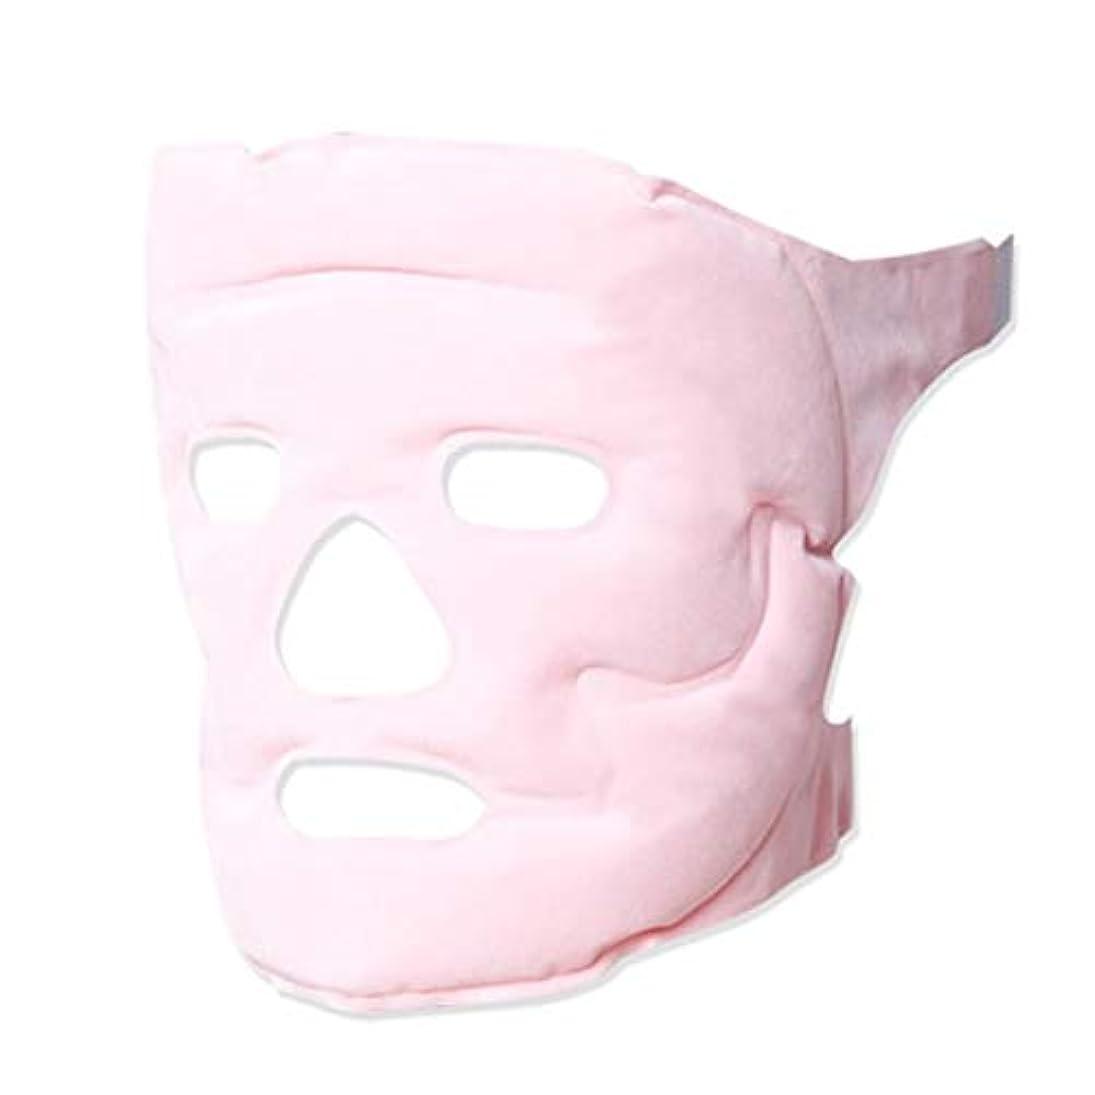 小競り合いリズムストレンジャーZWBD フェイスマスク, フェイスリフティング包帯Vフェイスマスク睡眠薄い顔美容マスク磁気療法リフティング顔引き締め令包帯